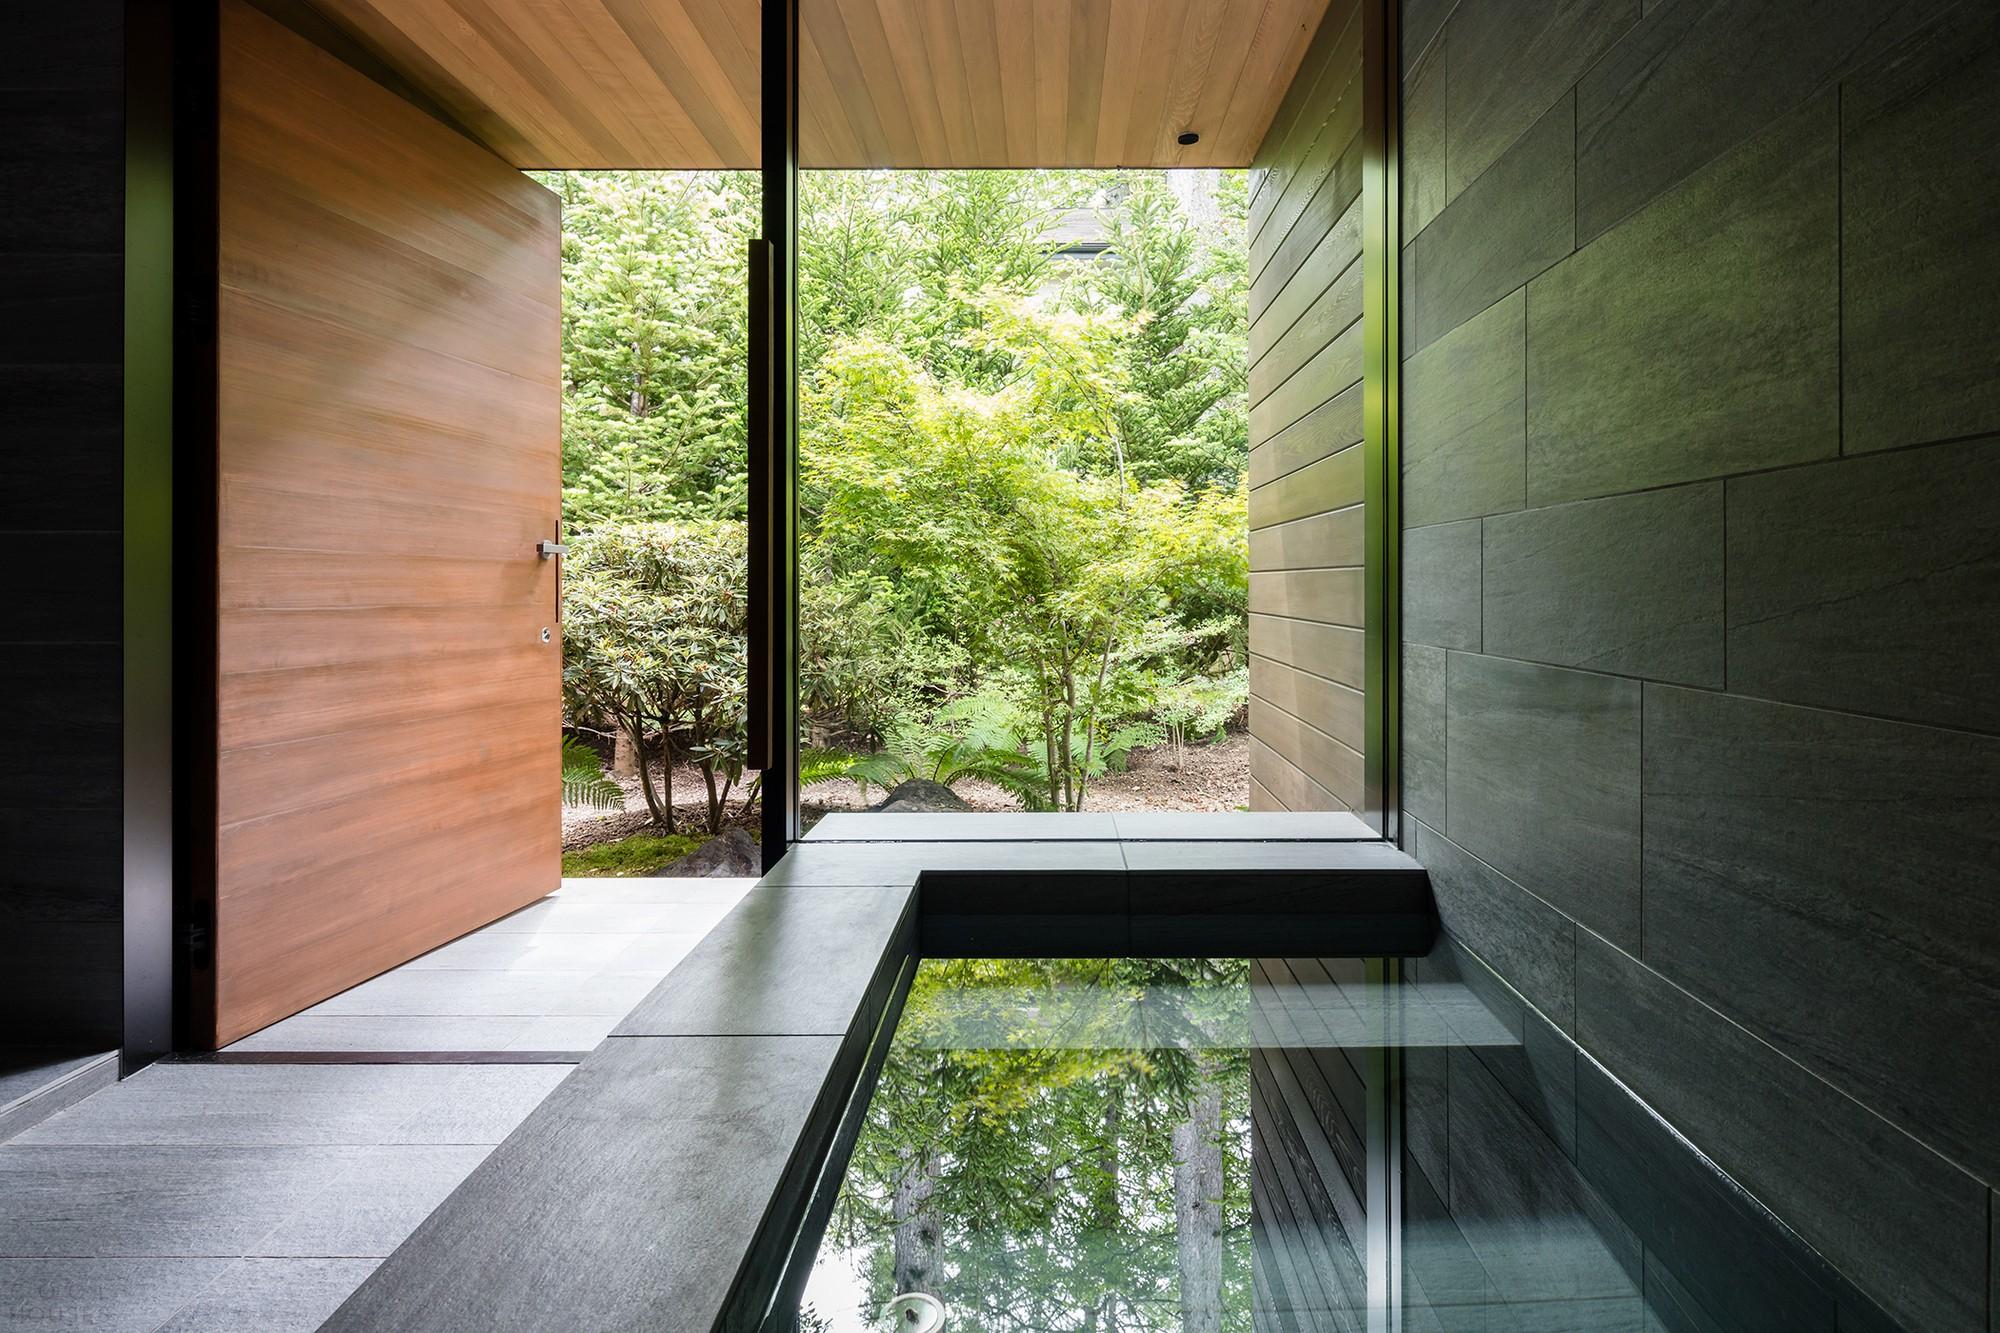 Эффектная вилла в стиле японского минимализма